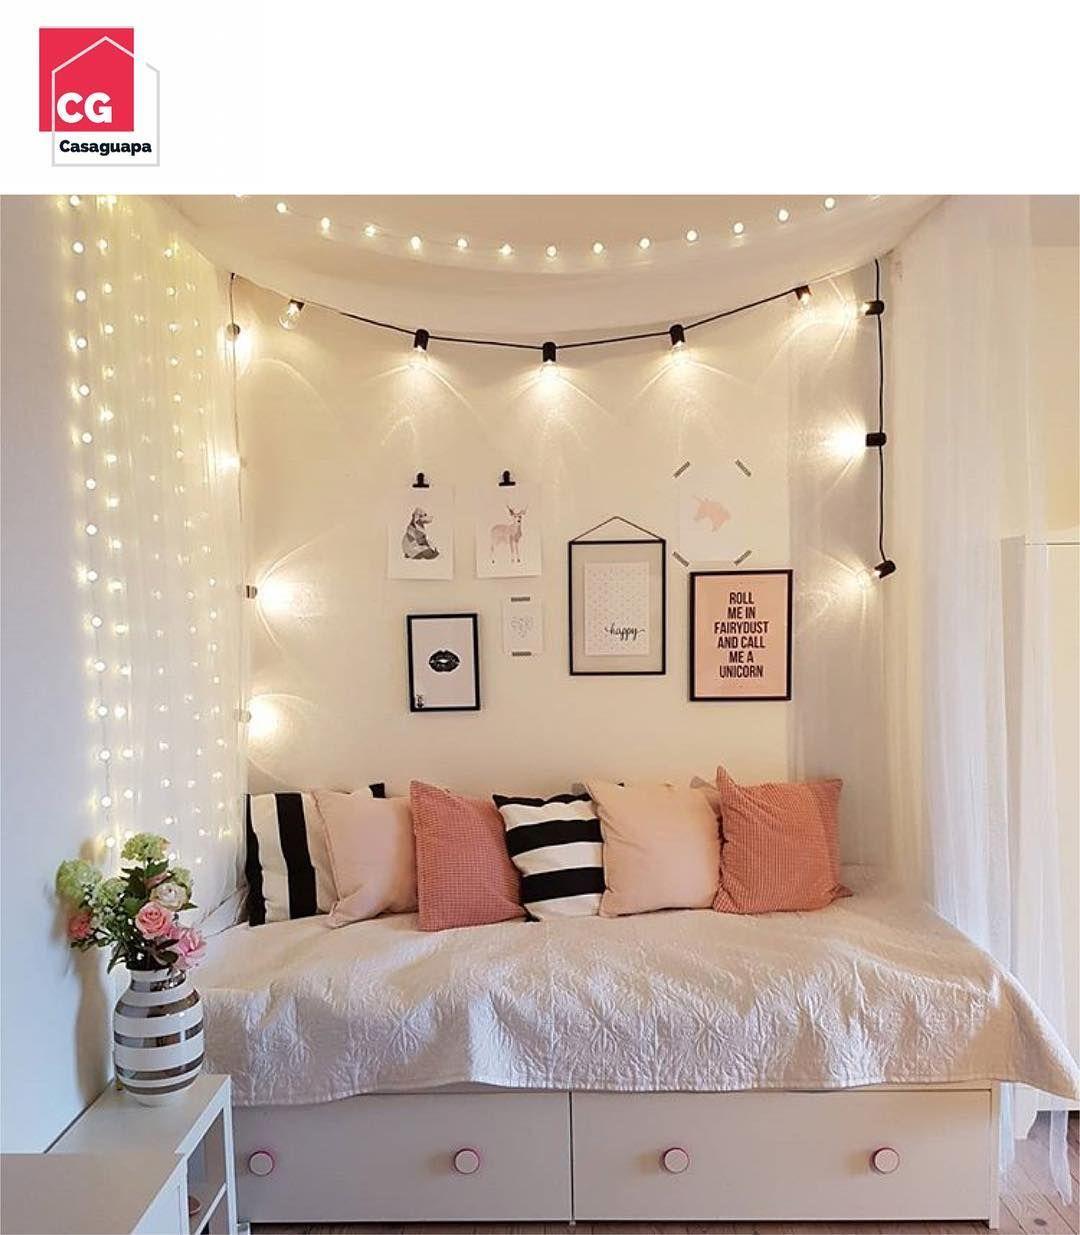 5 209 me gusta 28 comentarios decoraci n casas dise o for Ejemplo de dormitorio deco